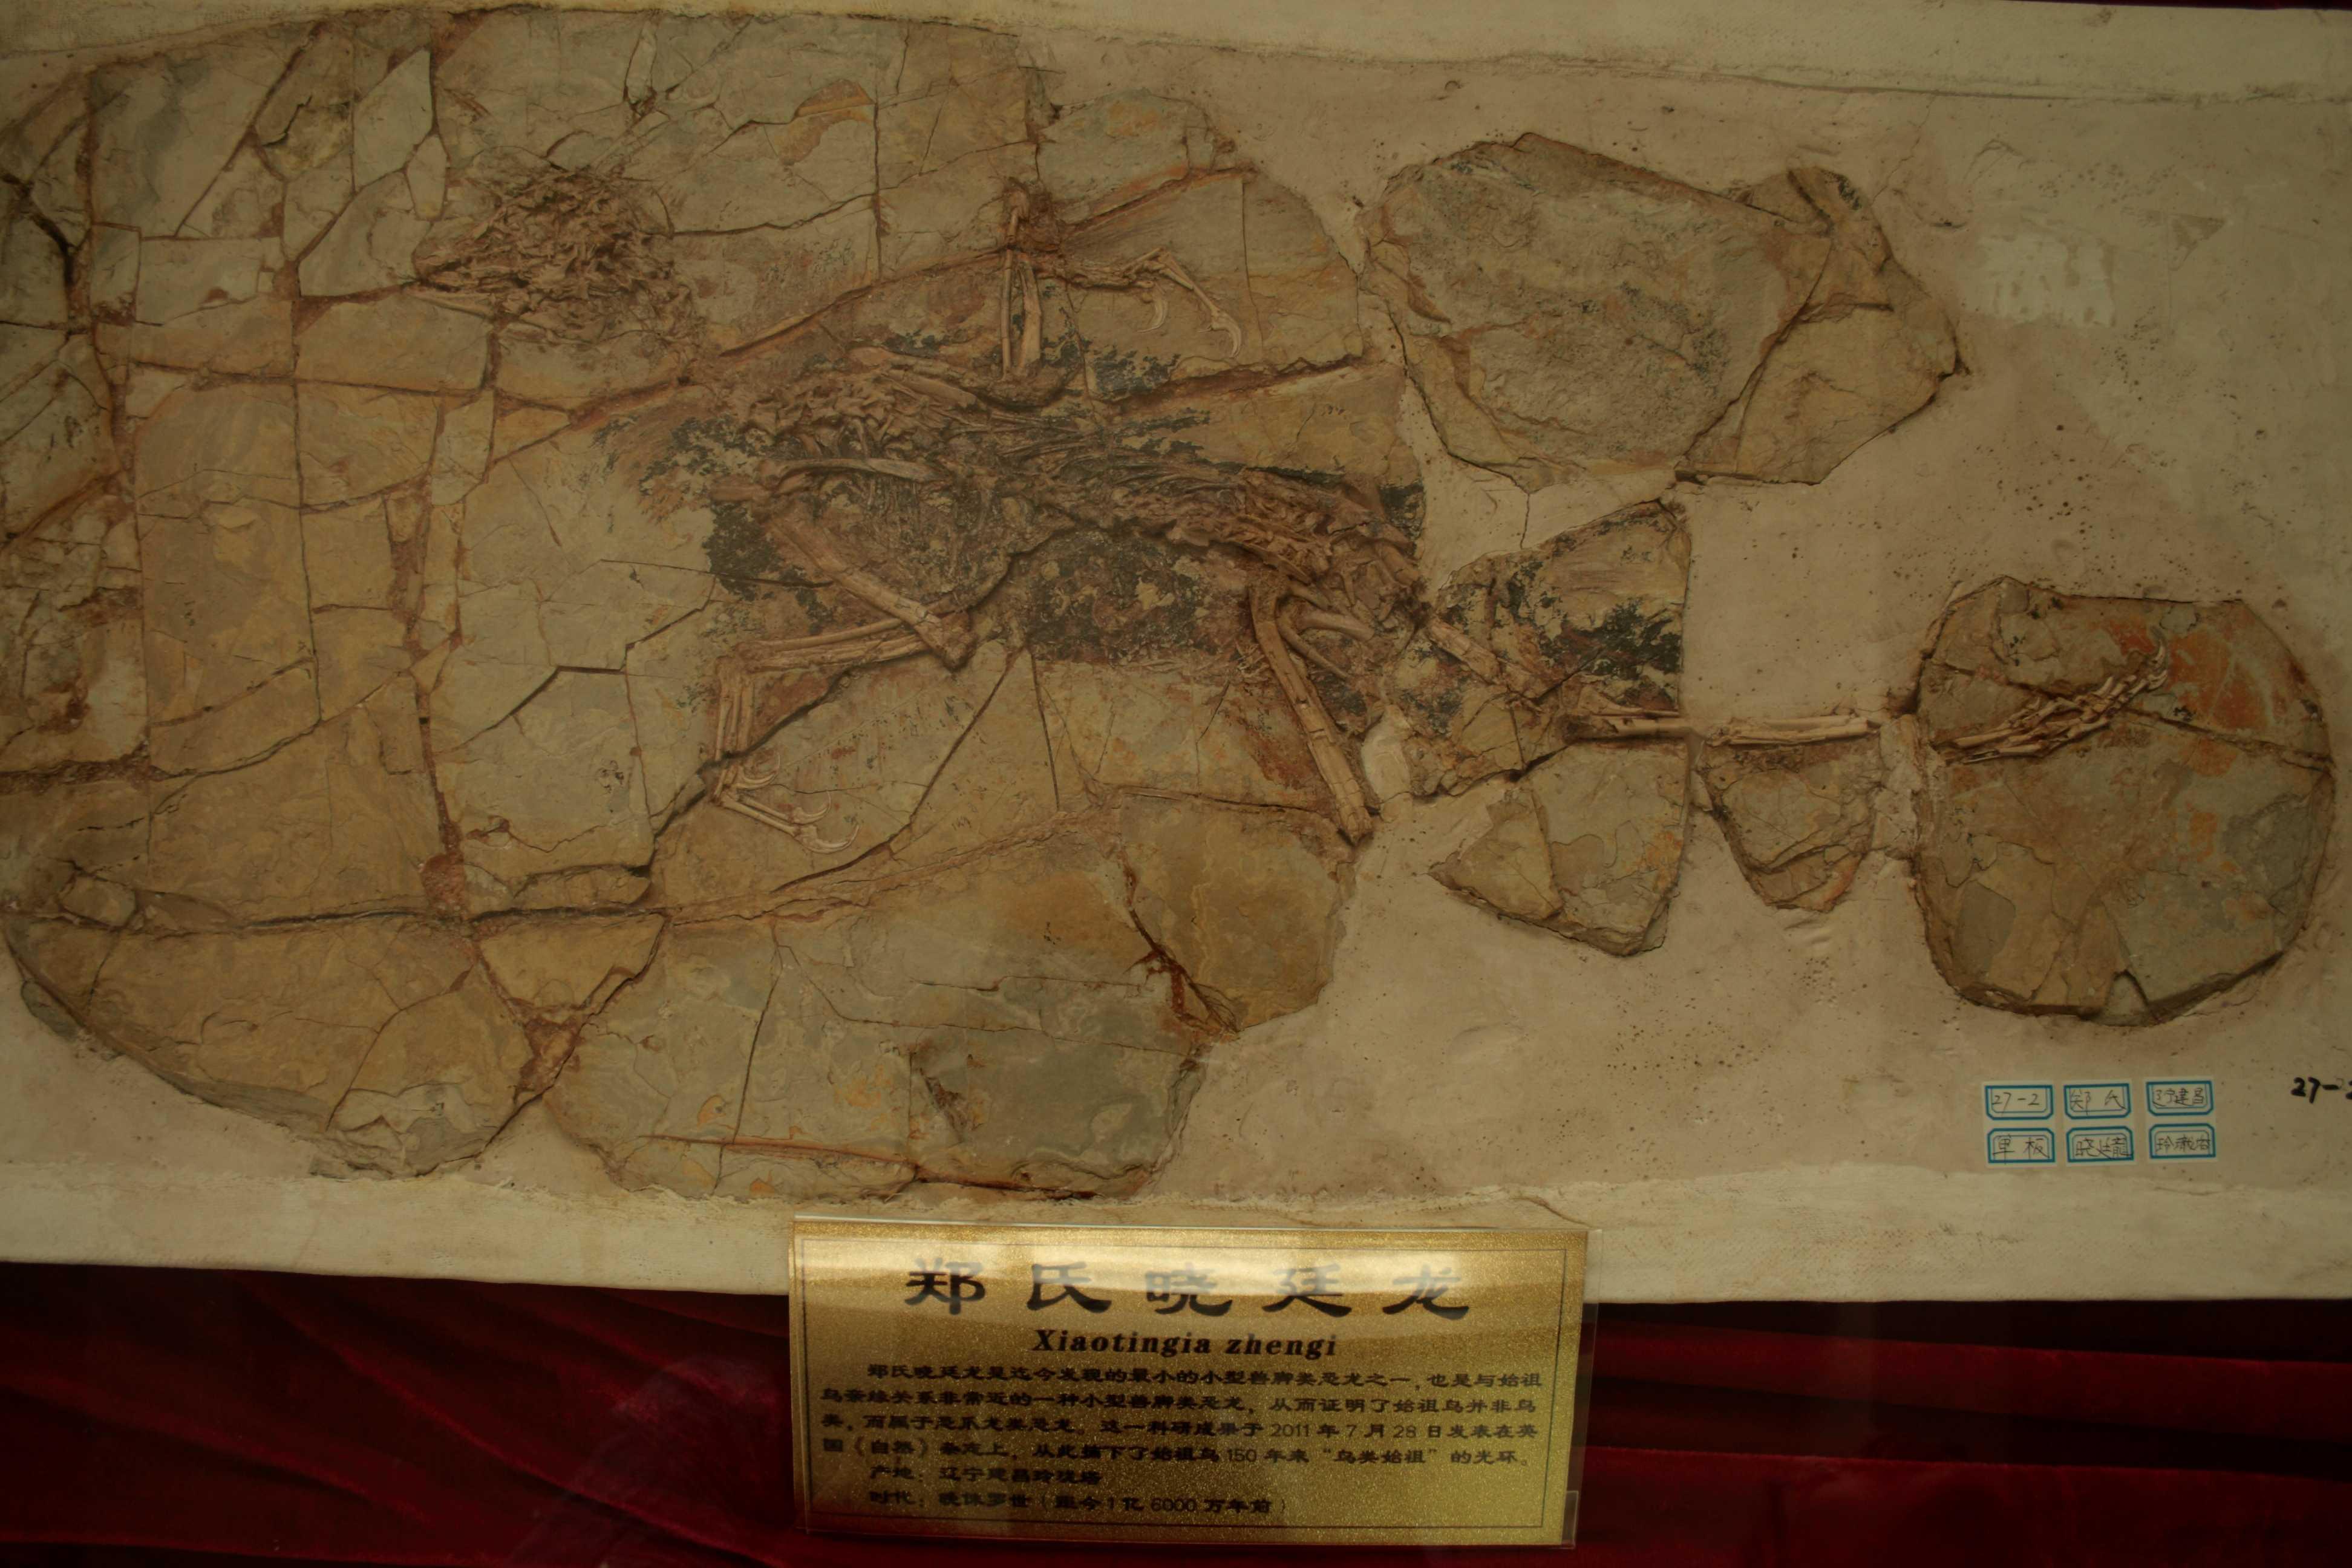 Xiaotingia